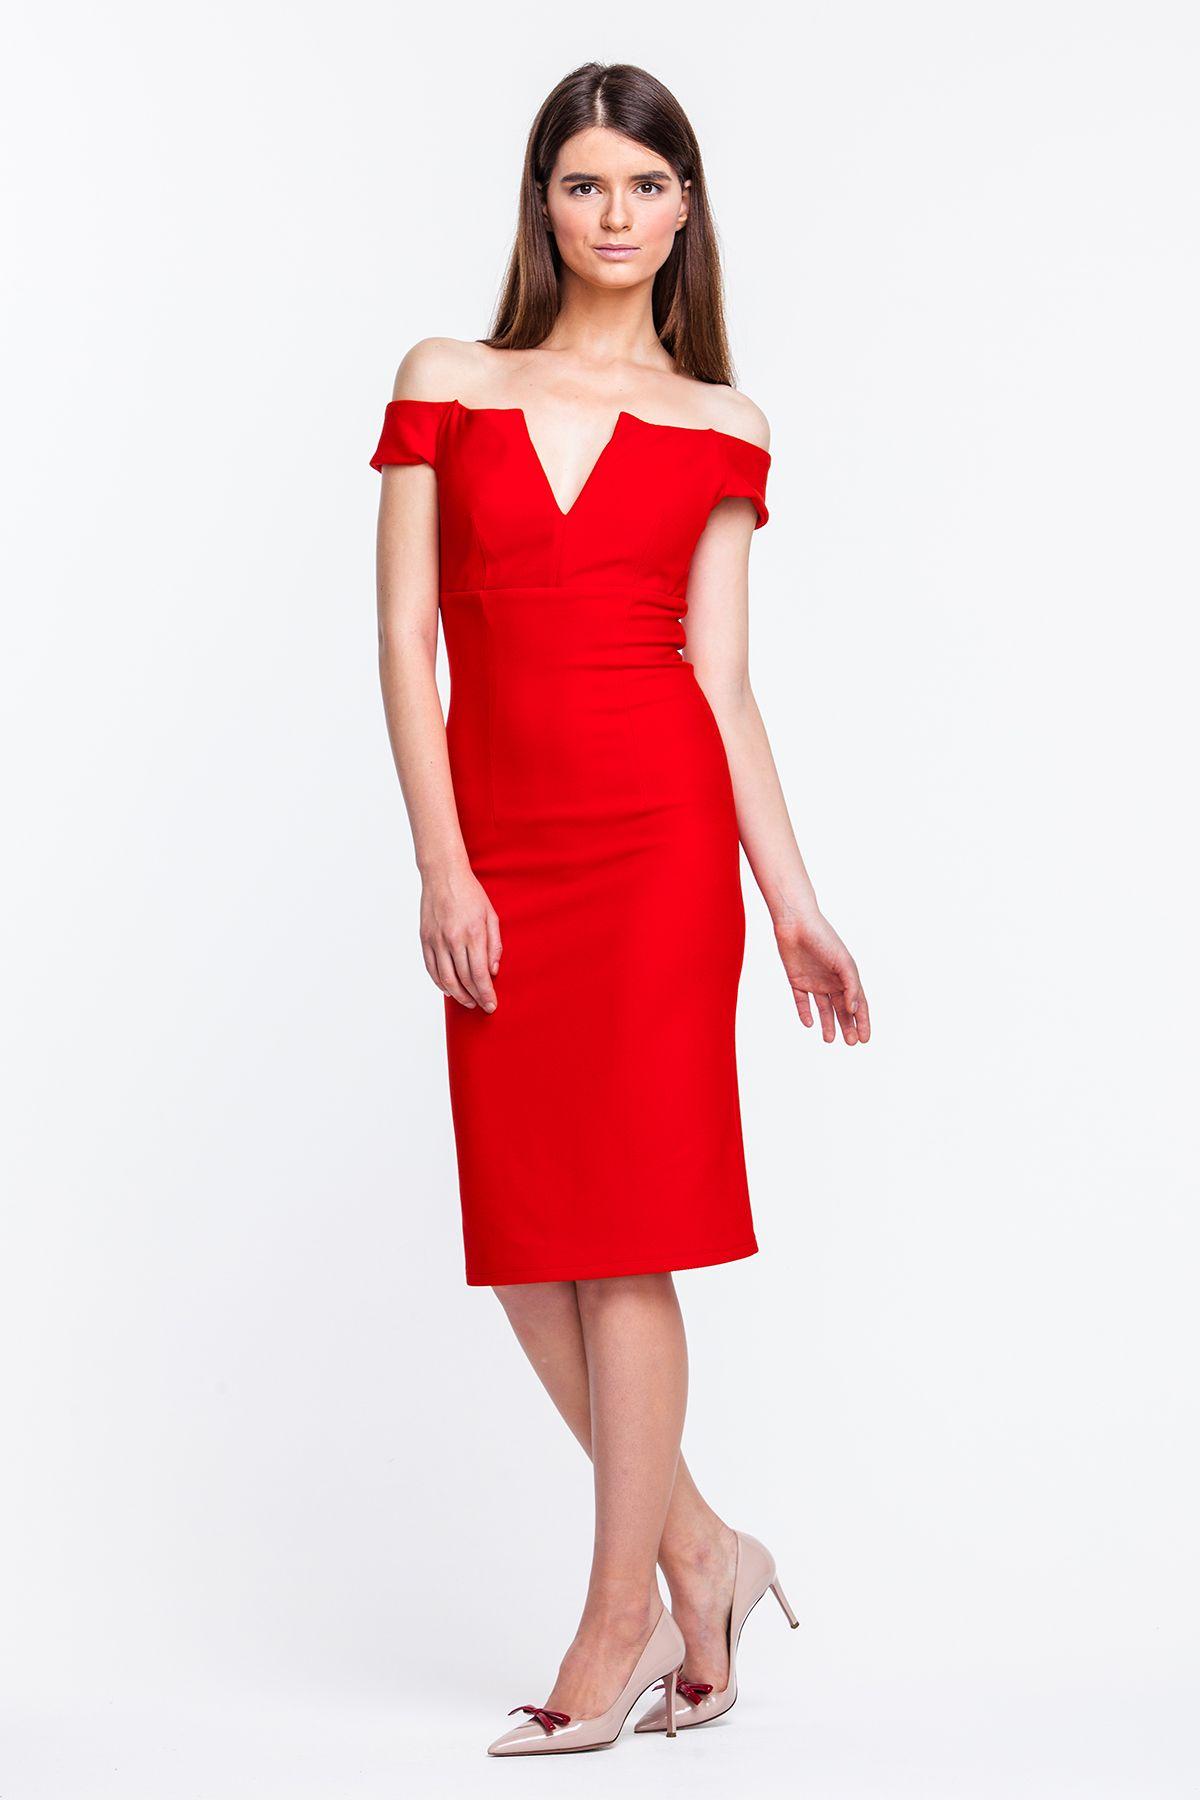 b191cfd2b8fd078 2243 Платье-футляр, красное с открытыми плечами купить в Украине, цена в  каталоге